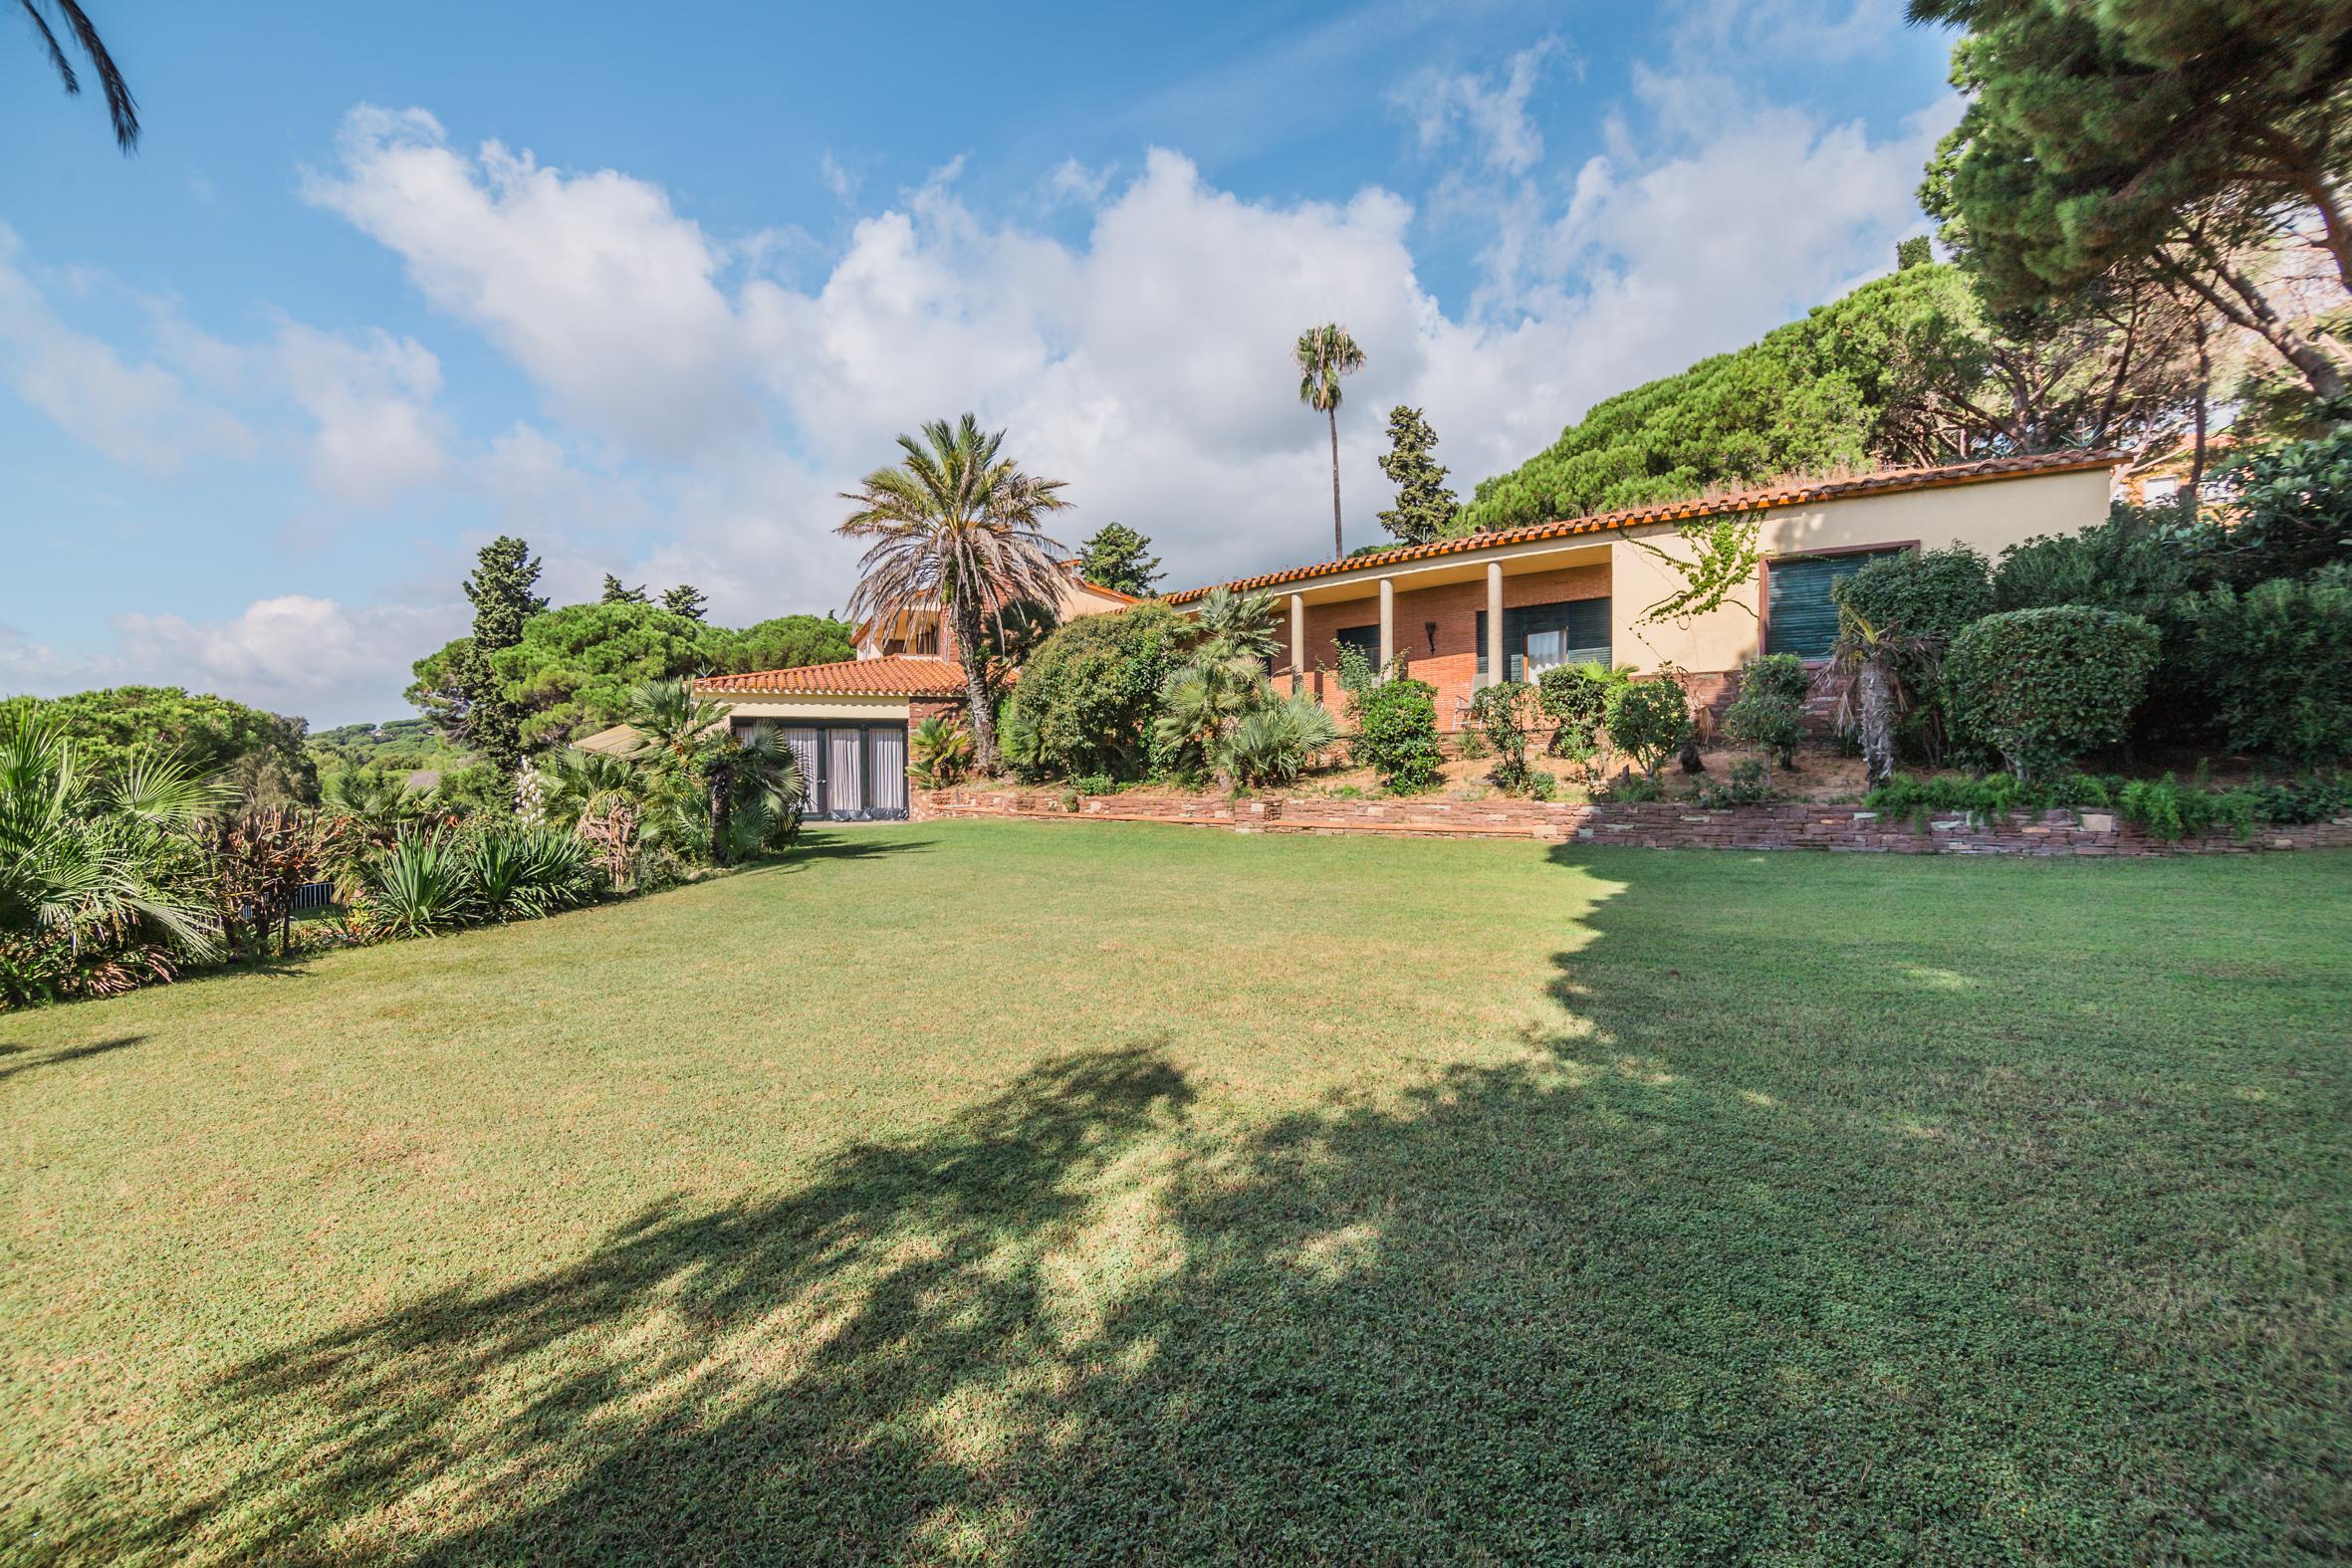 213533 Casa en venta en Sant Andreu de Llavaneres 16